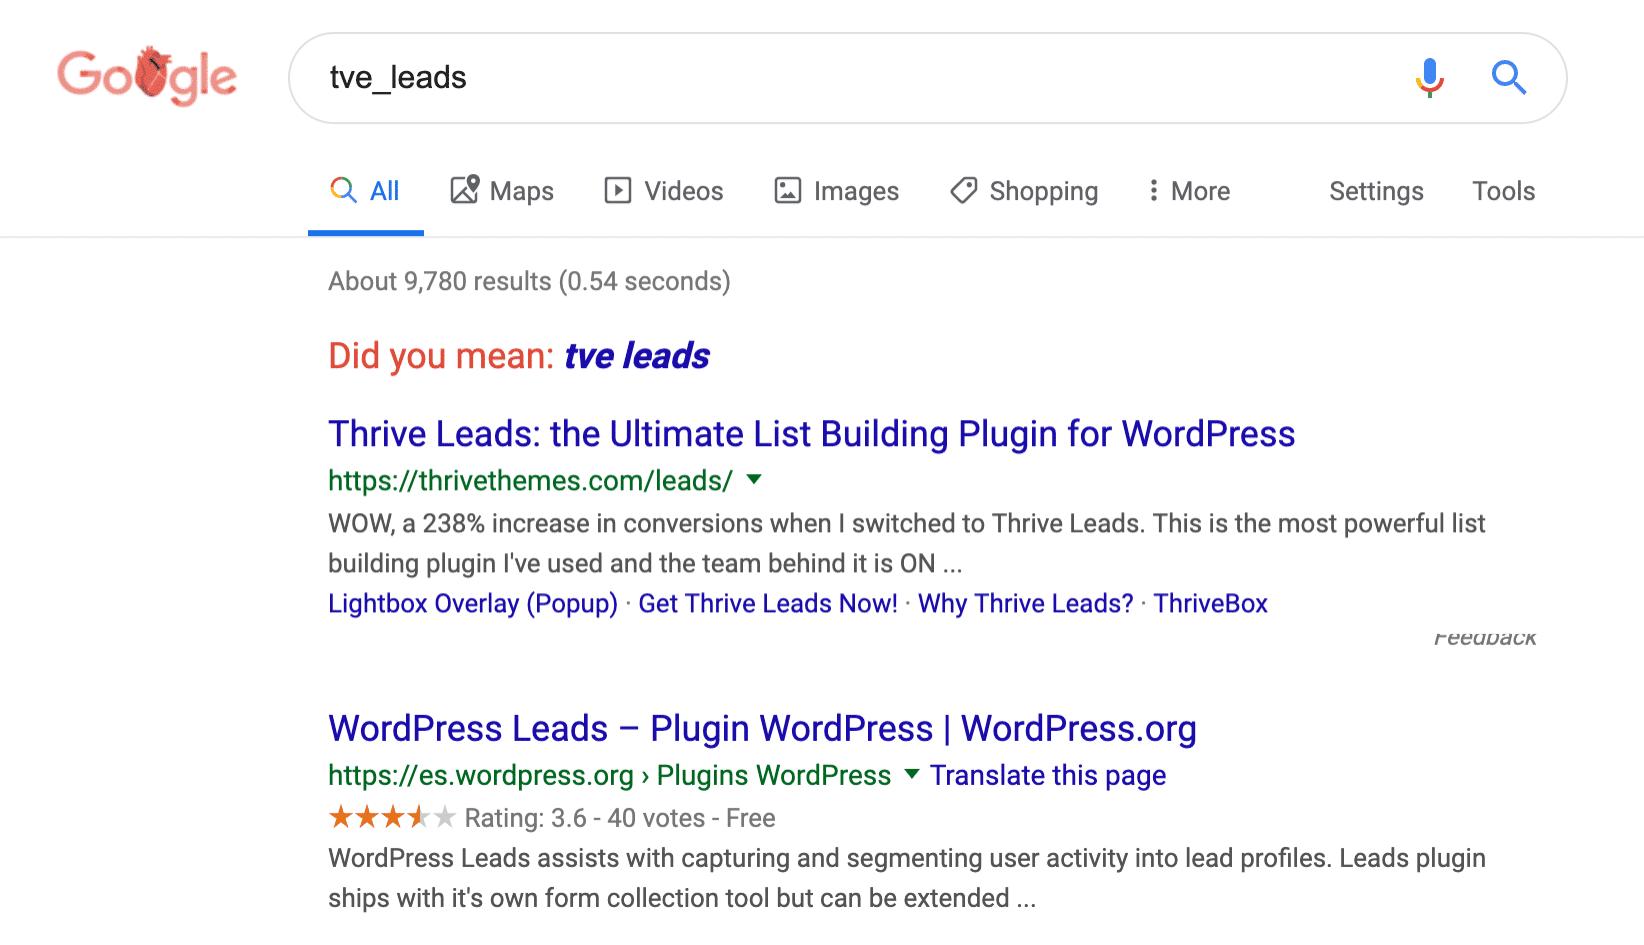 WordPressテーブルをGoogleで検索する